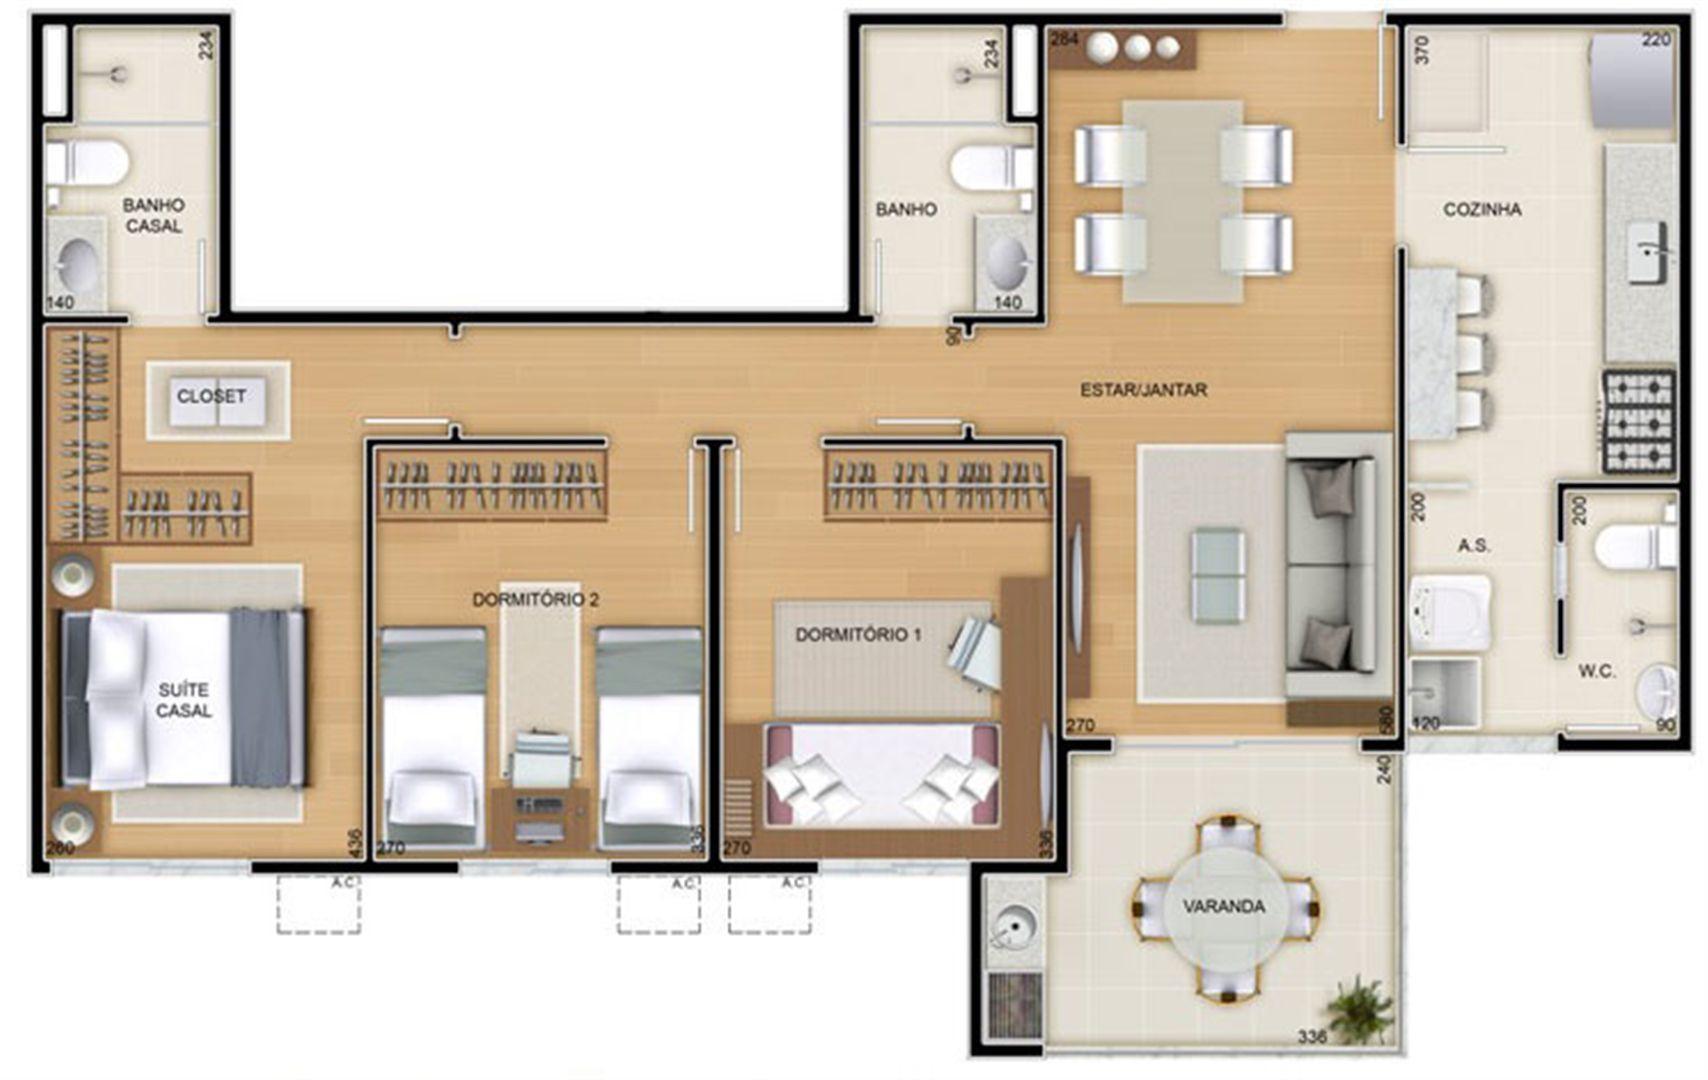 Torres 2 e 3 - 3 Quartos - 85 m² - Planta opção - Cozinha Americana   Reserva Verde Residencial Park – Apartamento em  Laranjeiras - Serra - Espírito Santo